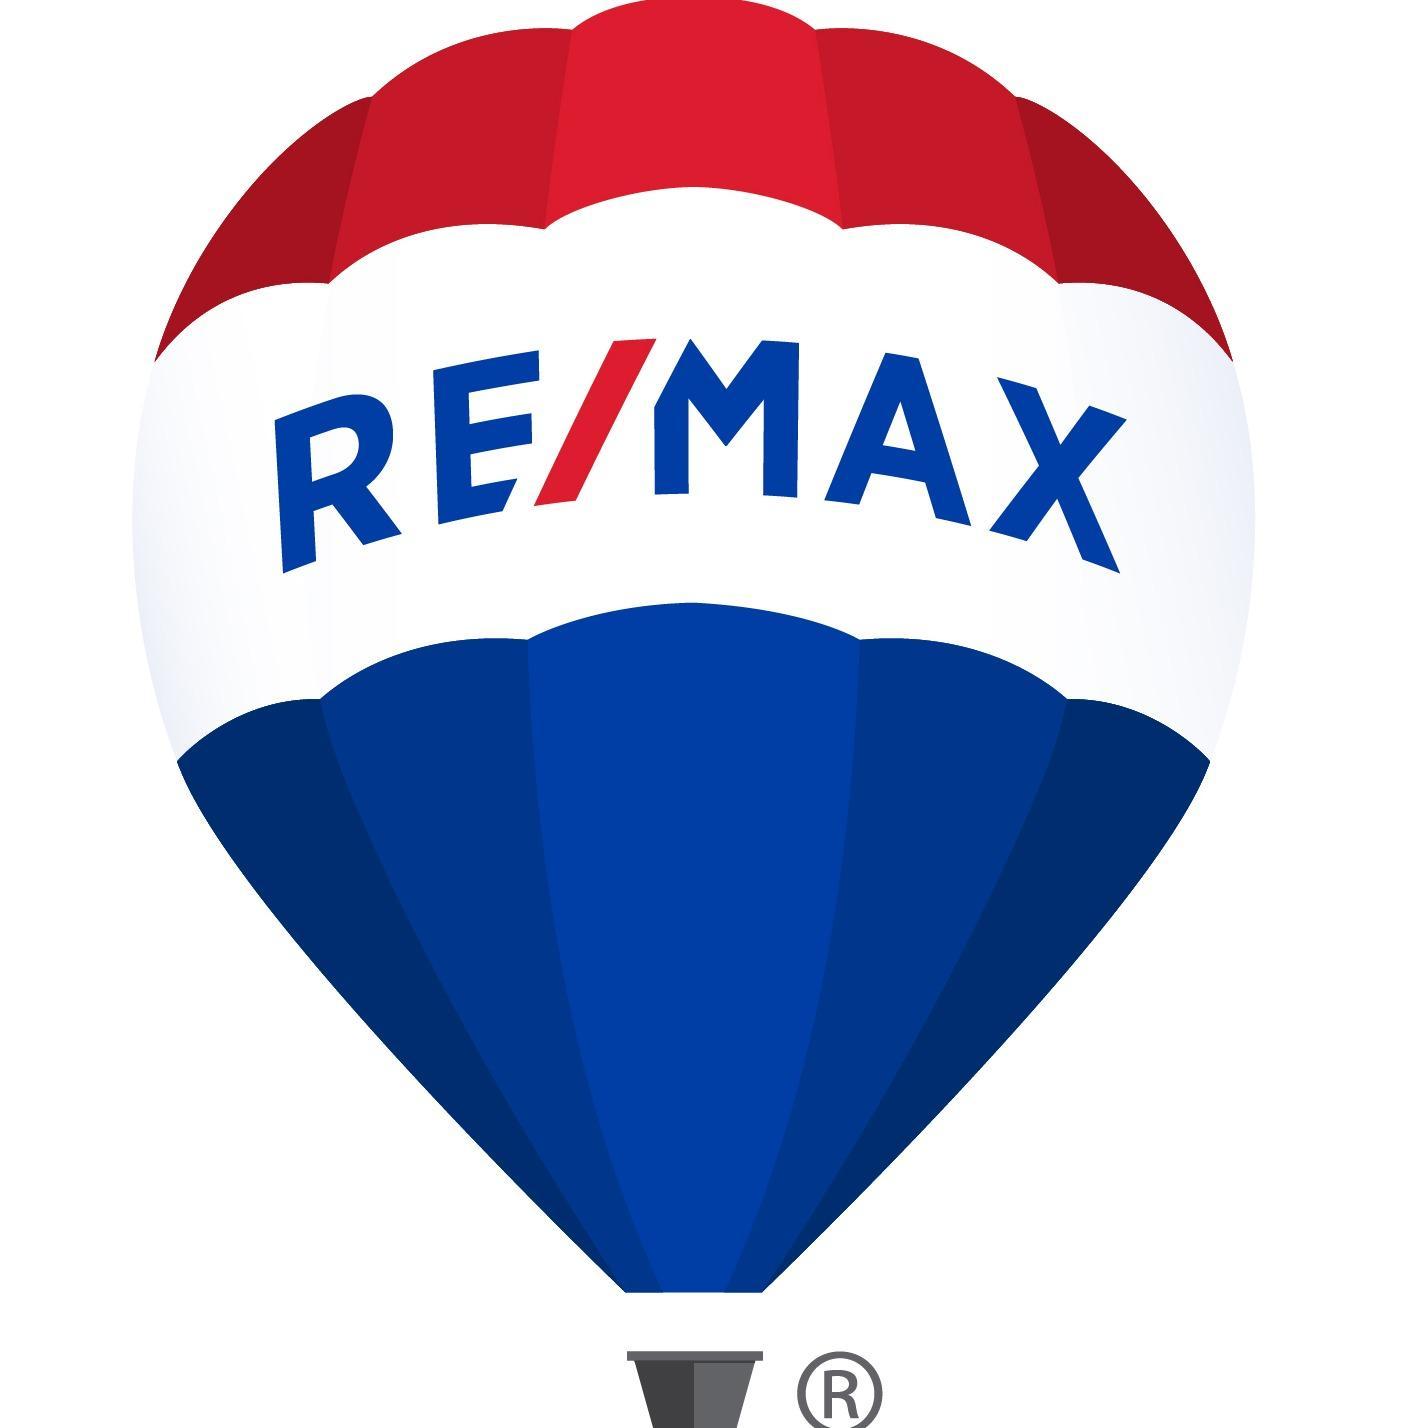 RE/MAX Riverside - Topsham, ME 04086 - (207)725-8505 | ShowMeLocal.com